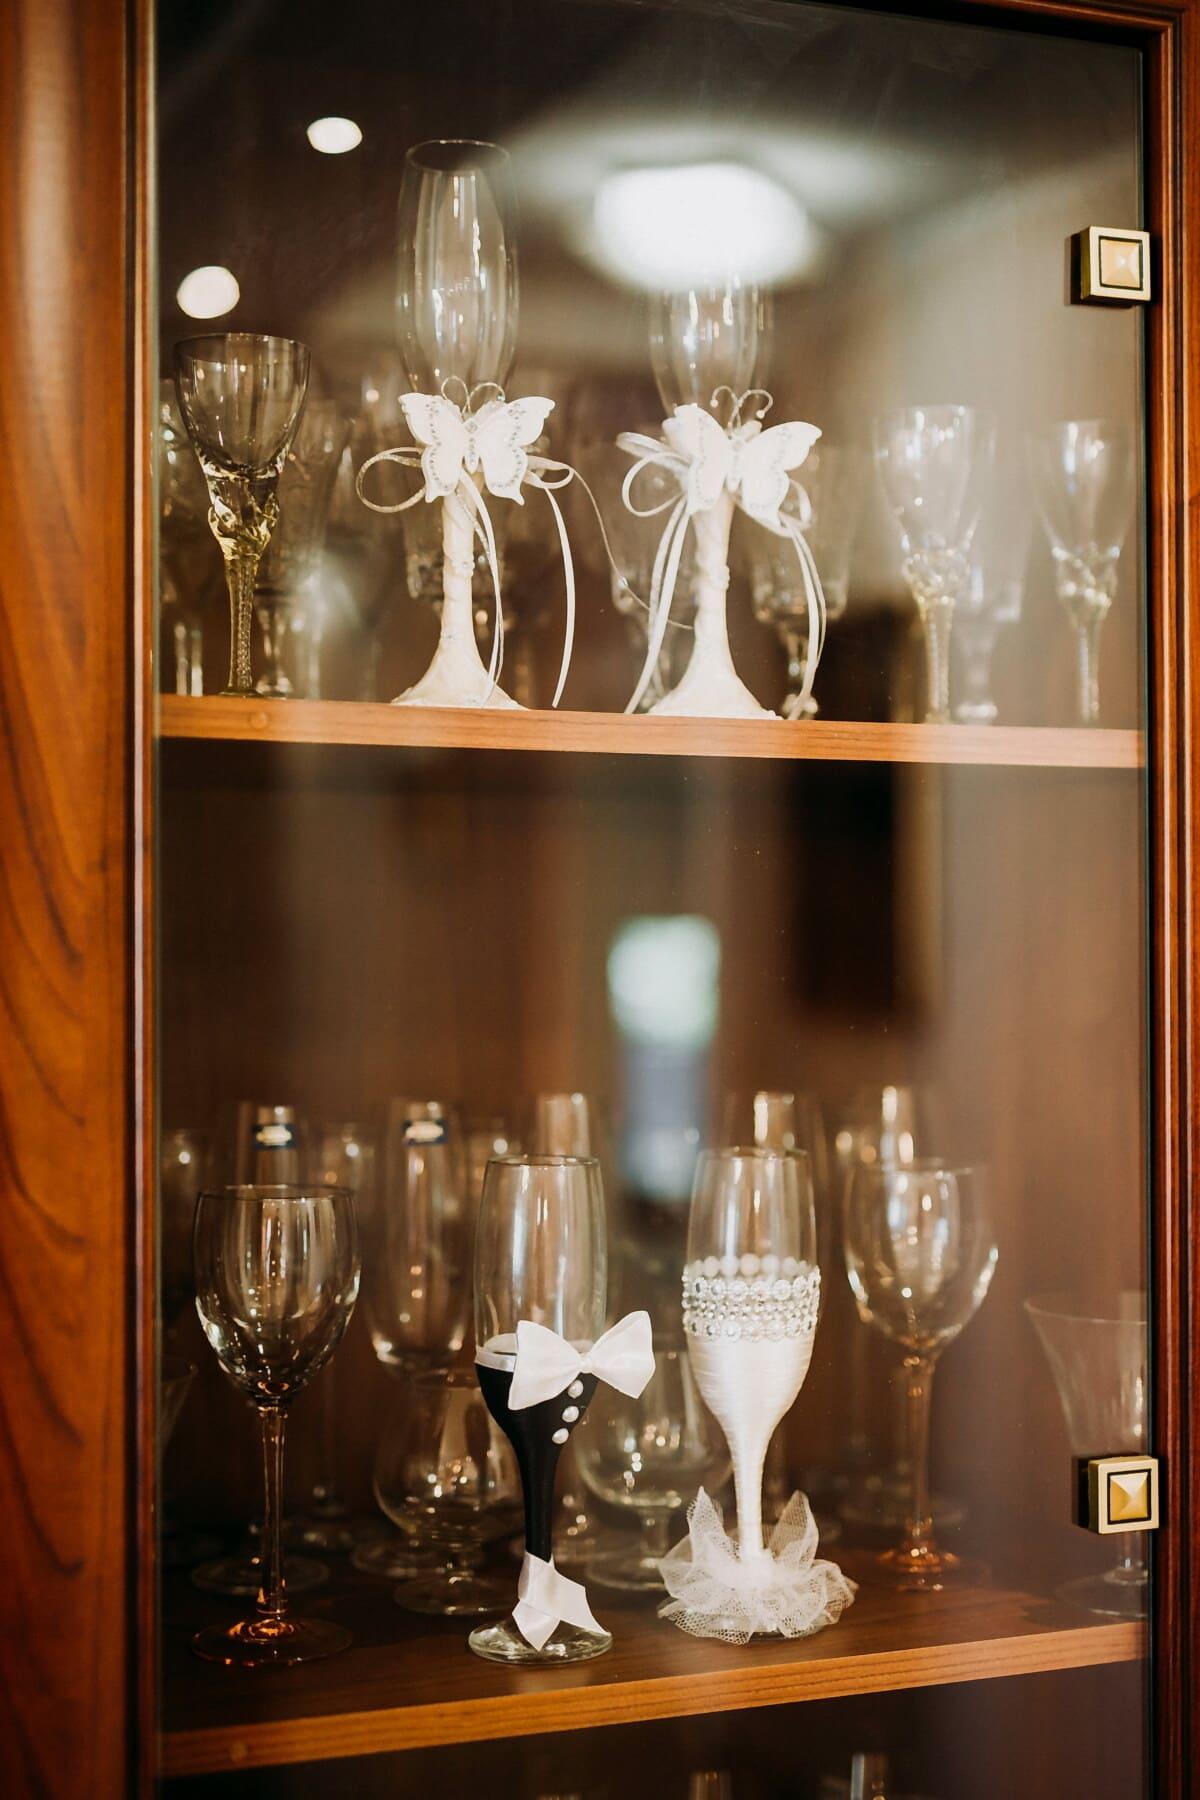 Kristall, Glaswaren, Regal, Möbel, Feier, Glas, Luxus, Interieur-design, drinnen, elegant